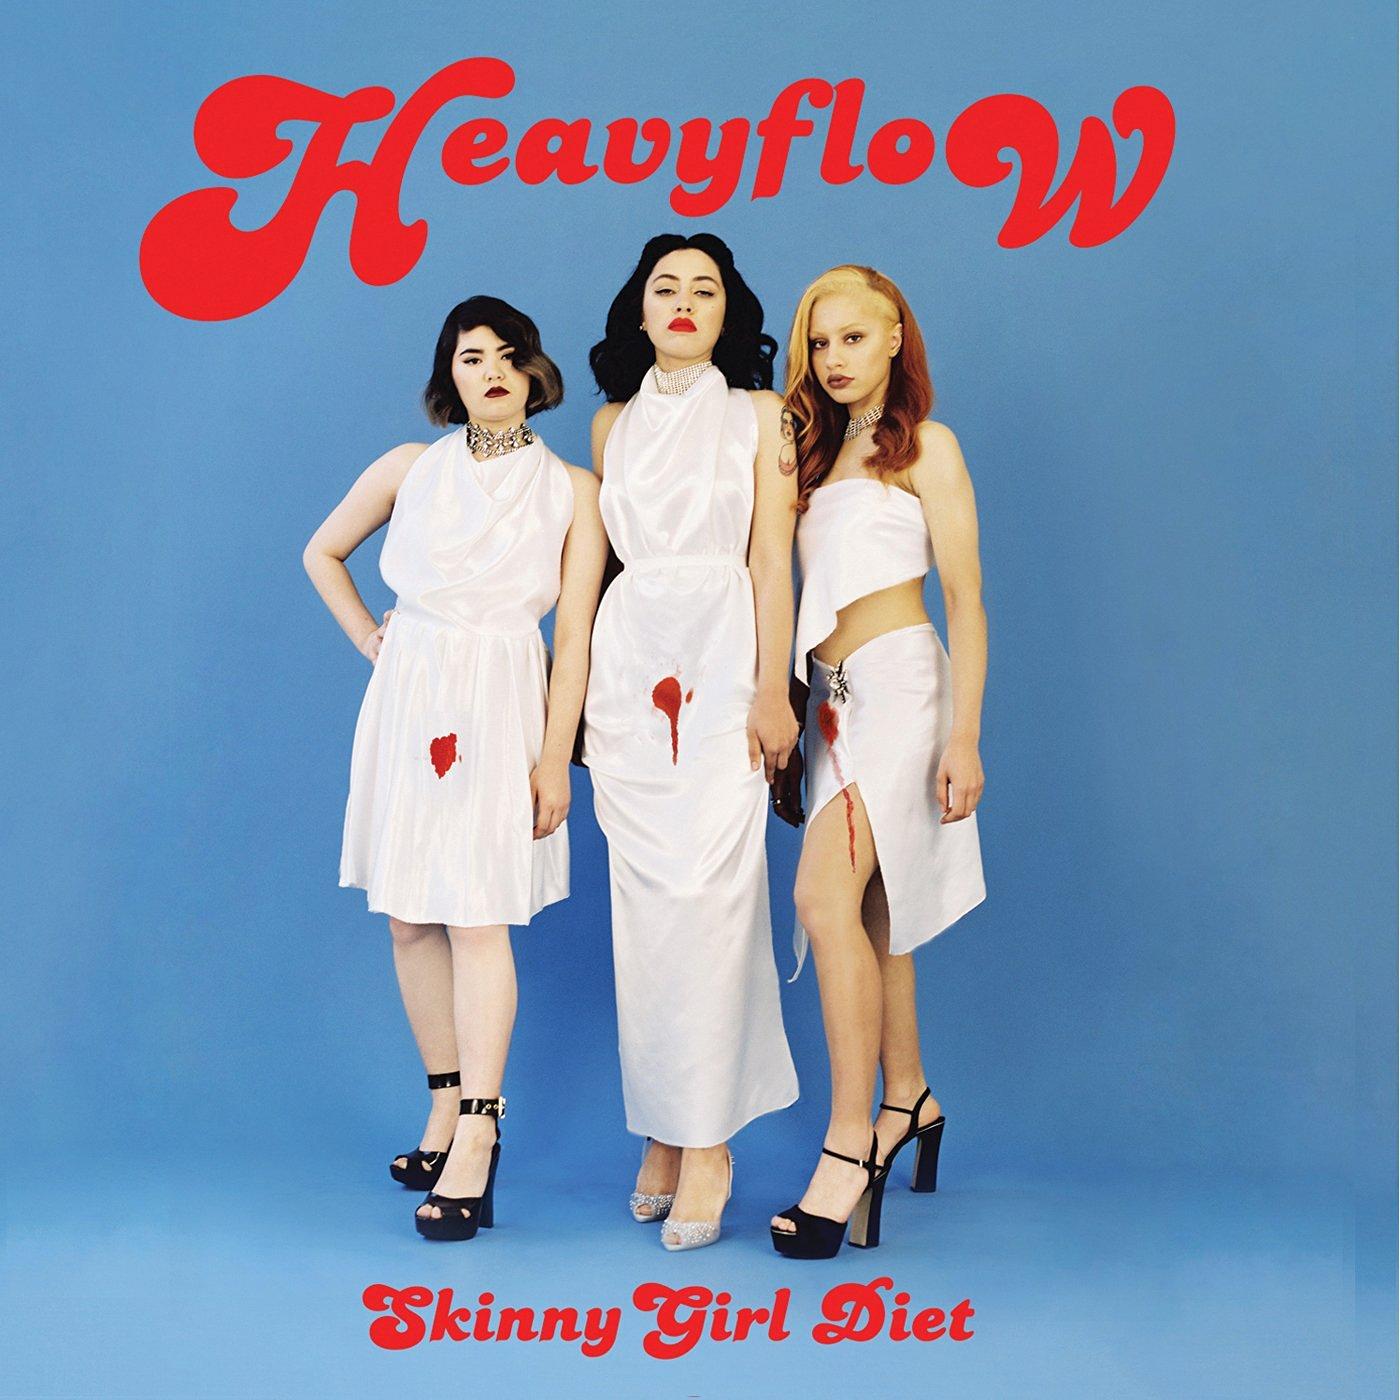 Skinny Girl Diet – Heavy Flow (Fiasco Recordings)